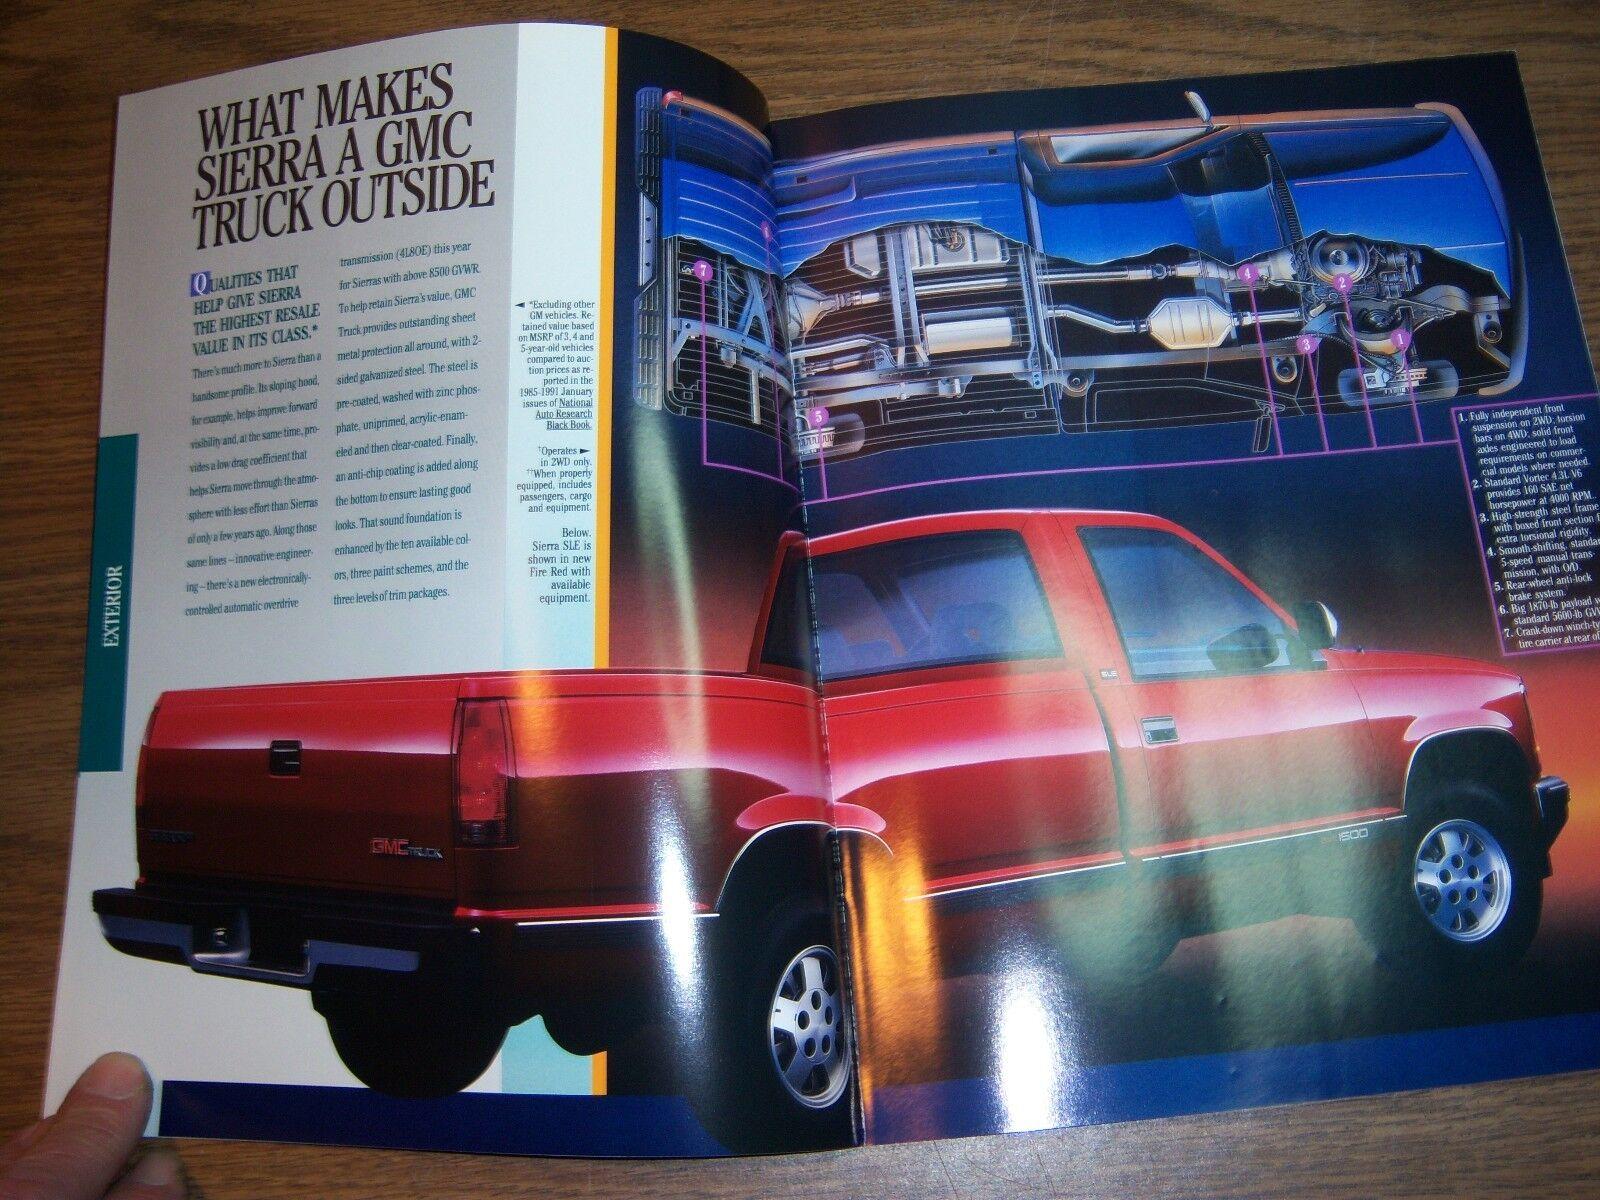 MINT 1990 GMC TRUCK SIERRA 24 PAGE ORIG SALES BROCHURE 8-1//2 X 11 NEW BOX 450